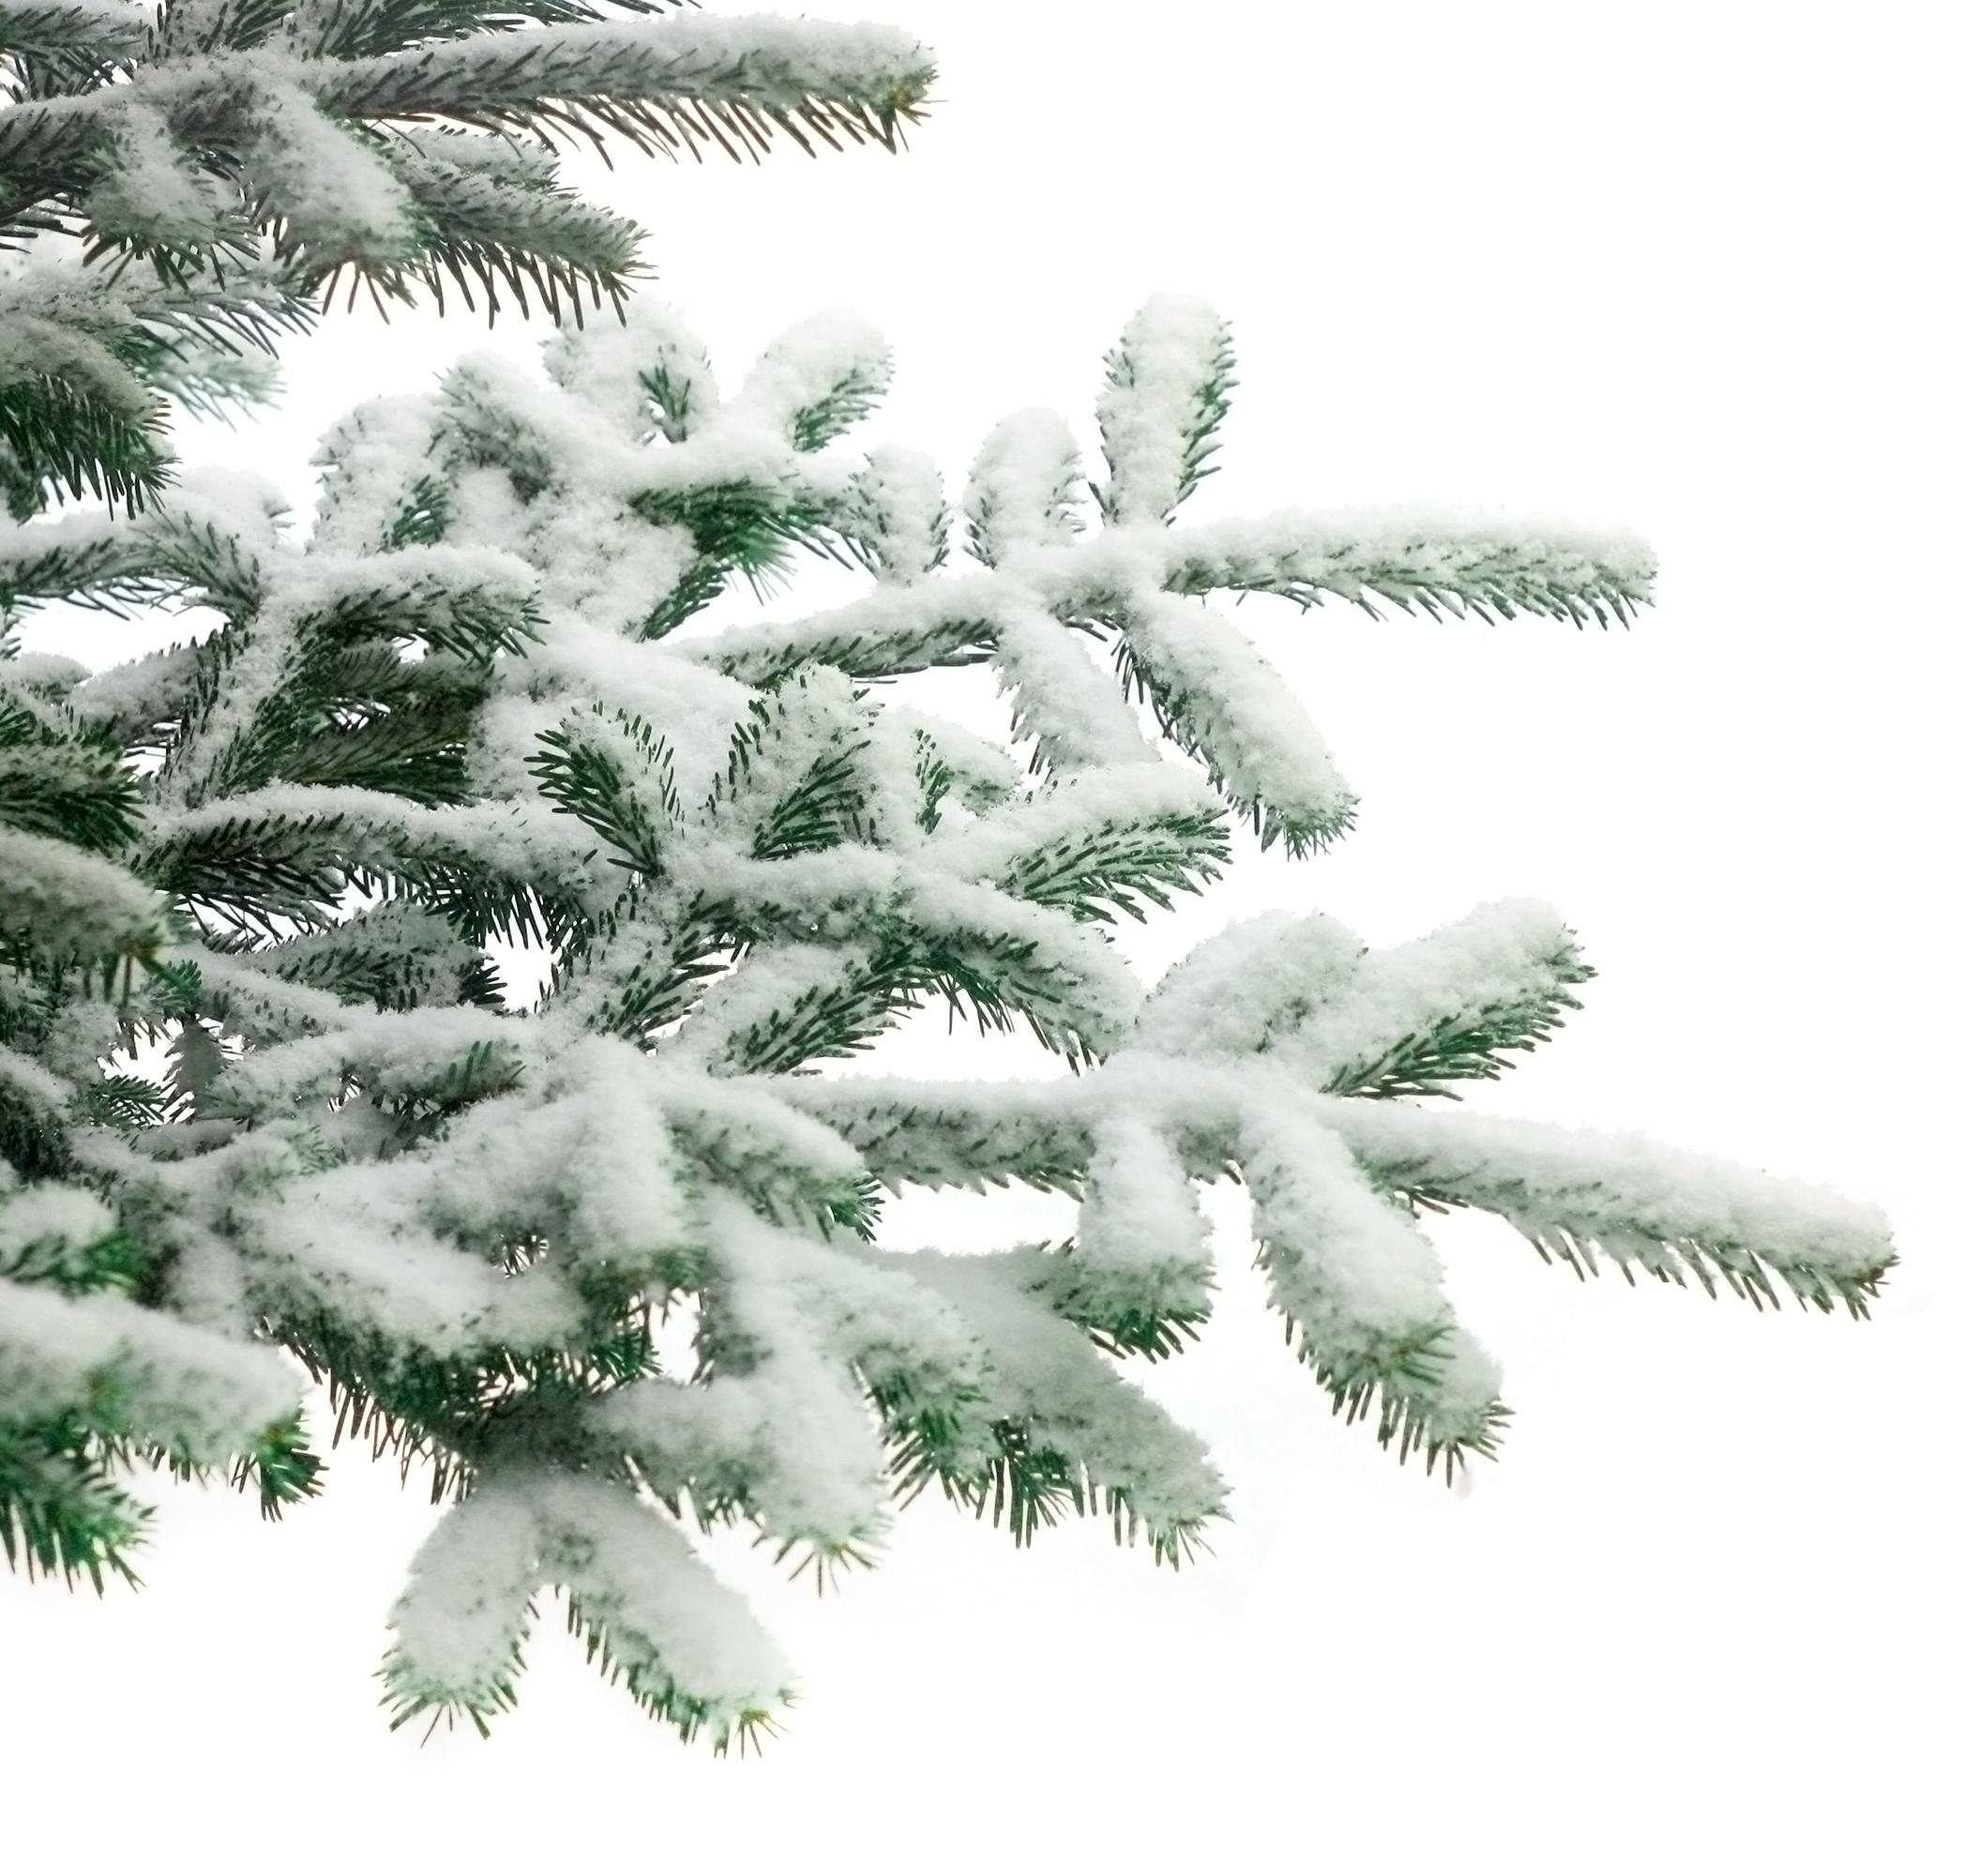 Hoeveel naalden heeft een kerstboom for Hoeveel traptreden heeft een trap